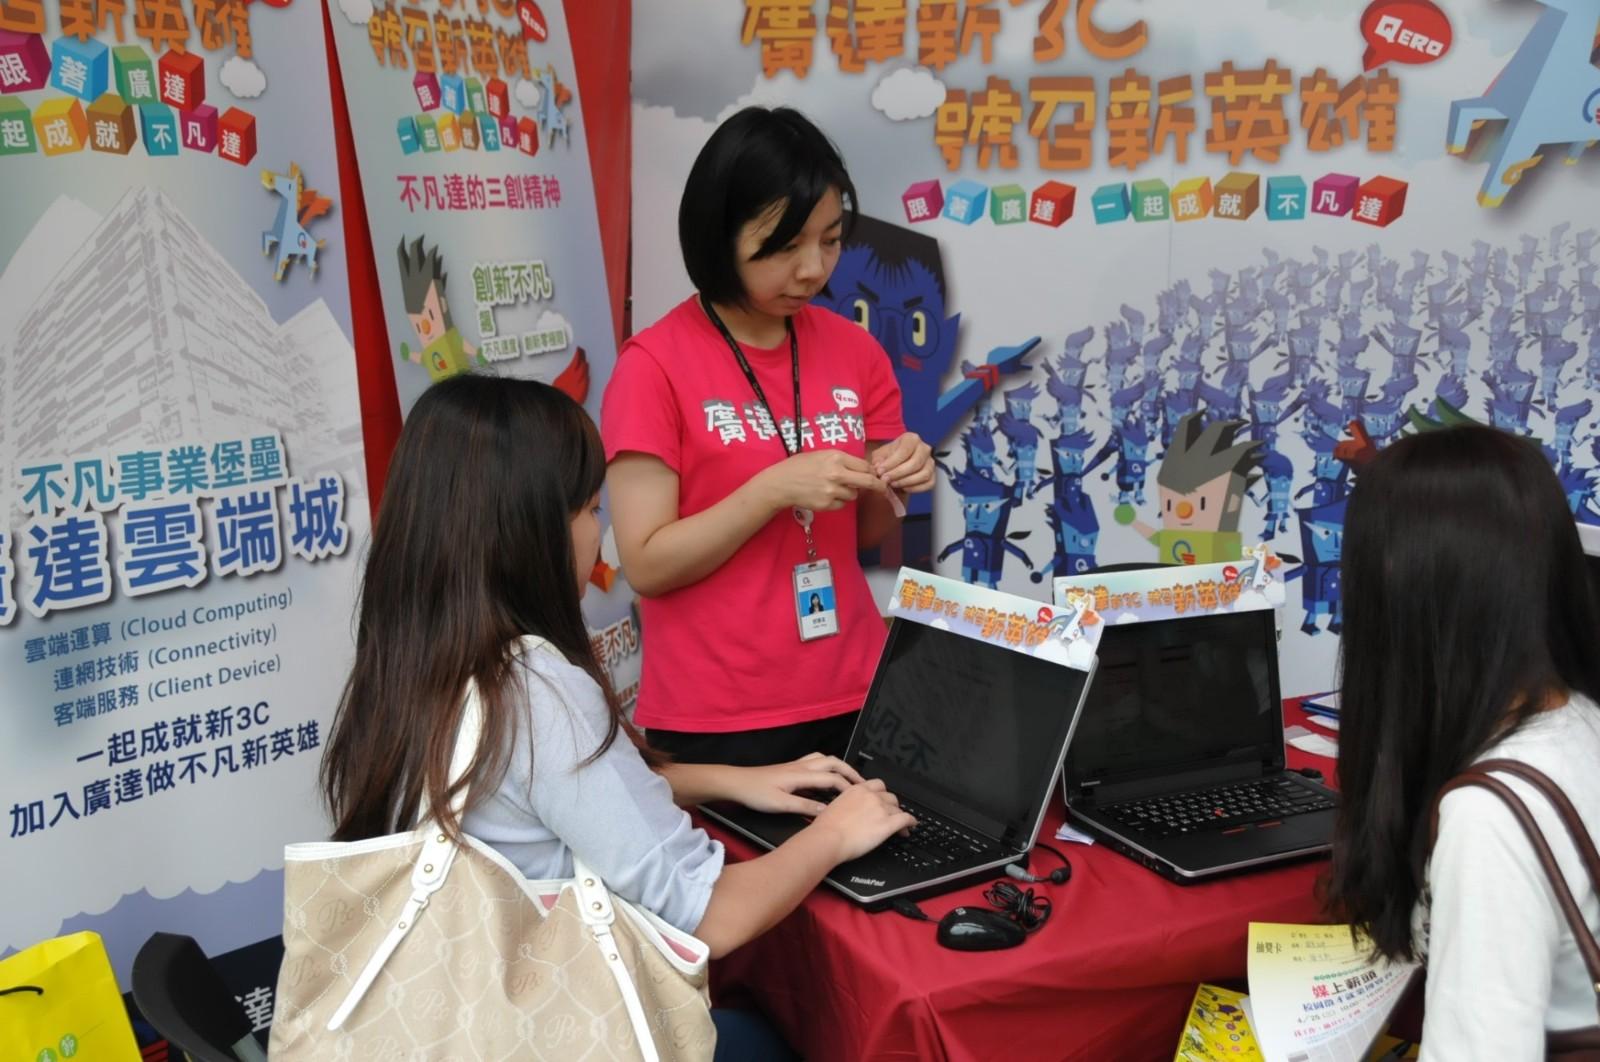 中原大學每年舉辦校園徵才就業博覽會,吸引許多知名廠商及應屆畢業生到場參與。.jpg